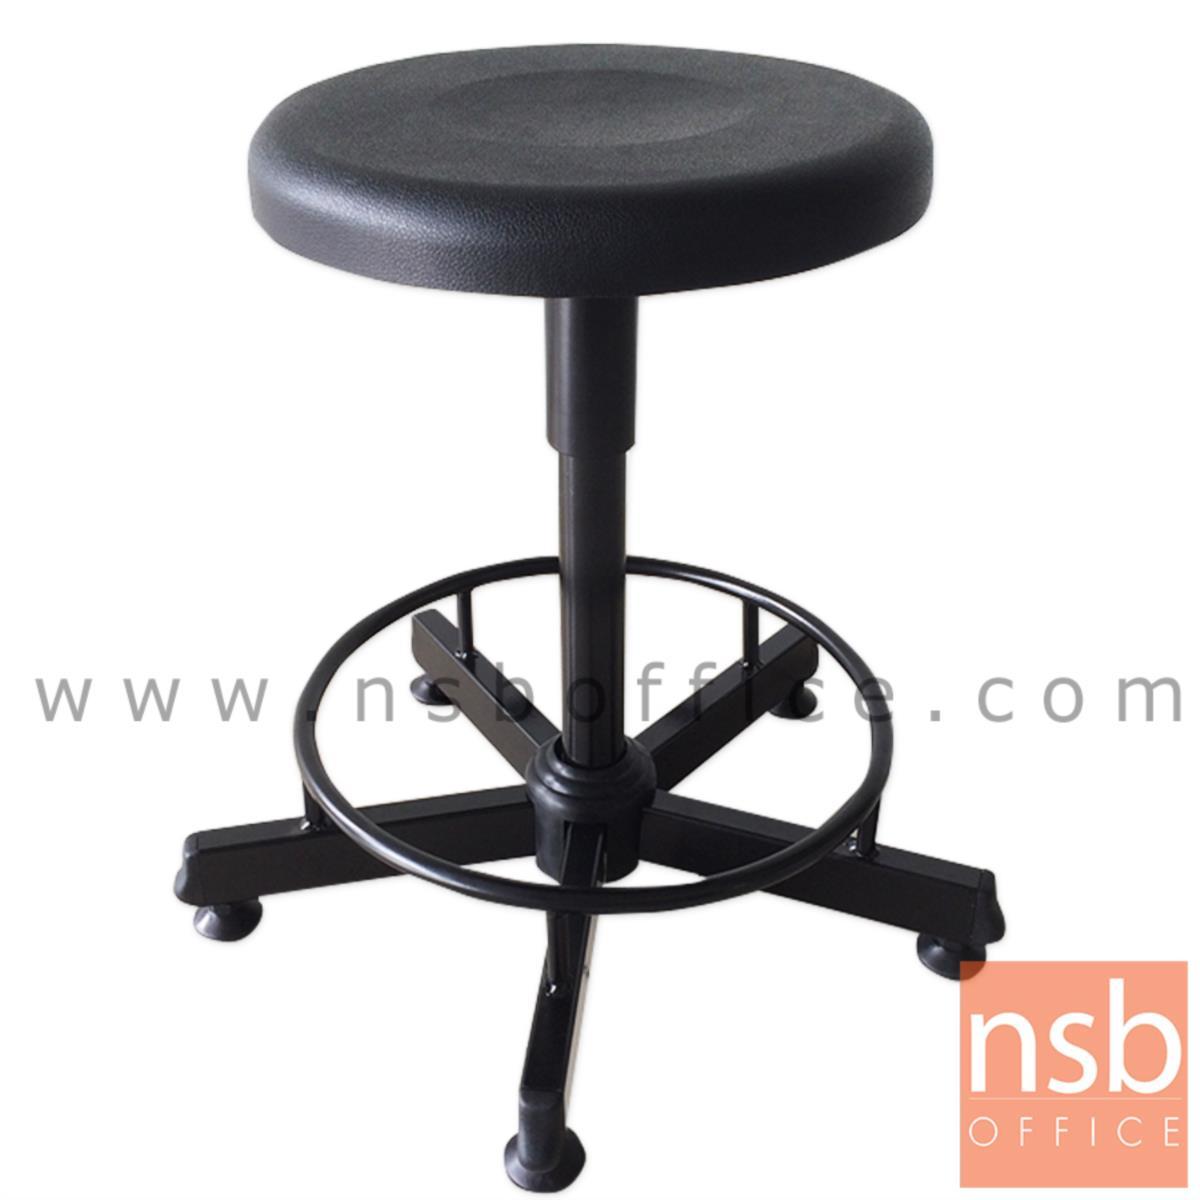 B02A098:เก้าอี้บาร์สตูลที่นั่ง PU กลม รุ่น Benin (เบนิน)  ขาเหล็กกล่อง